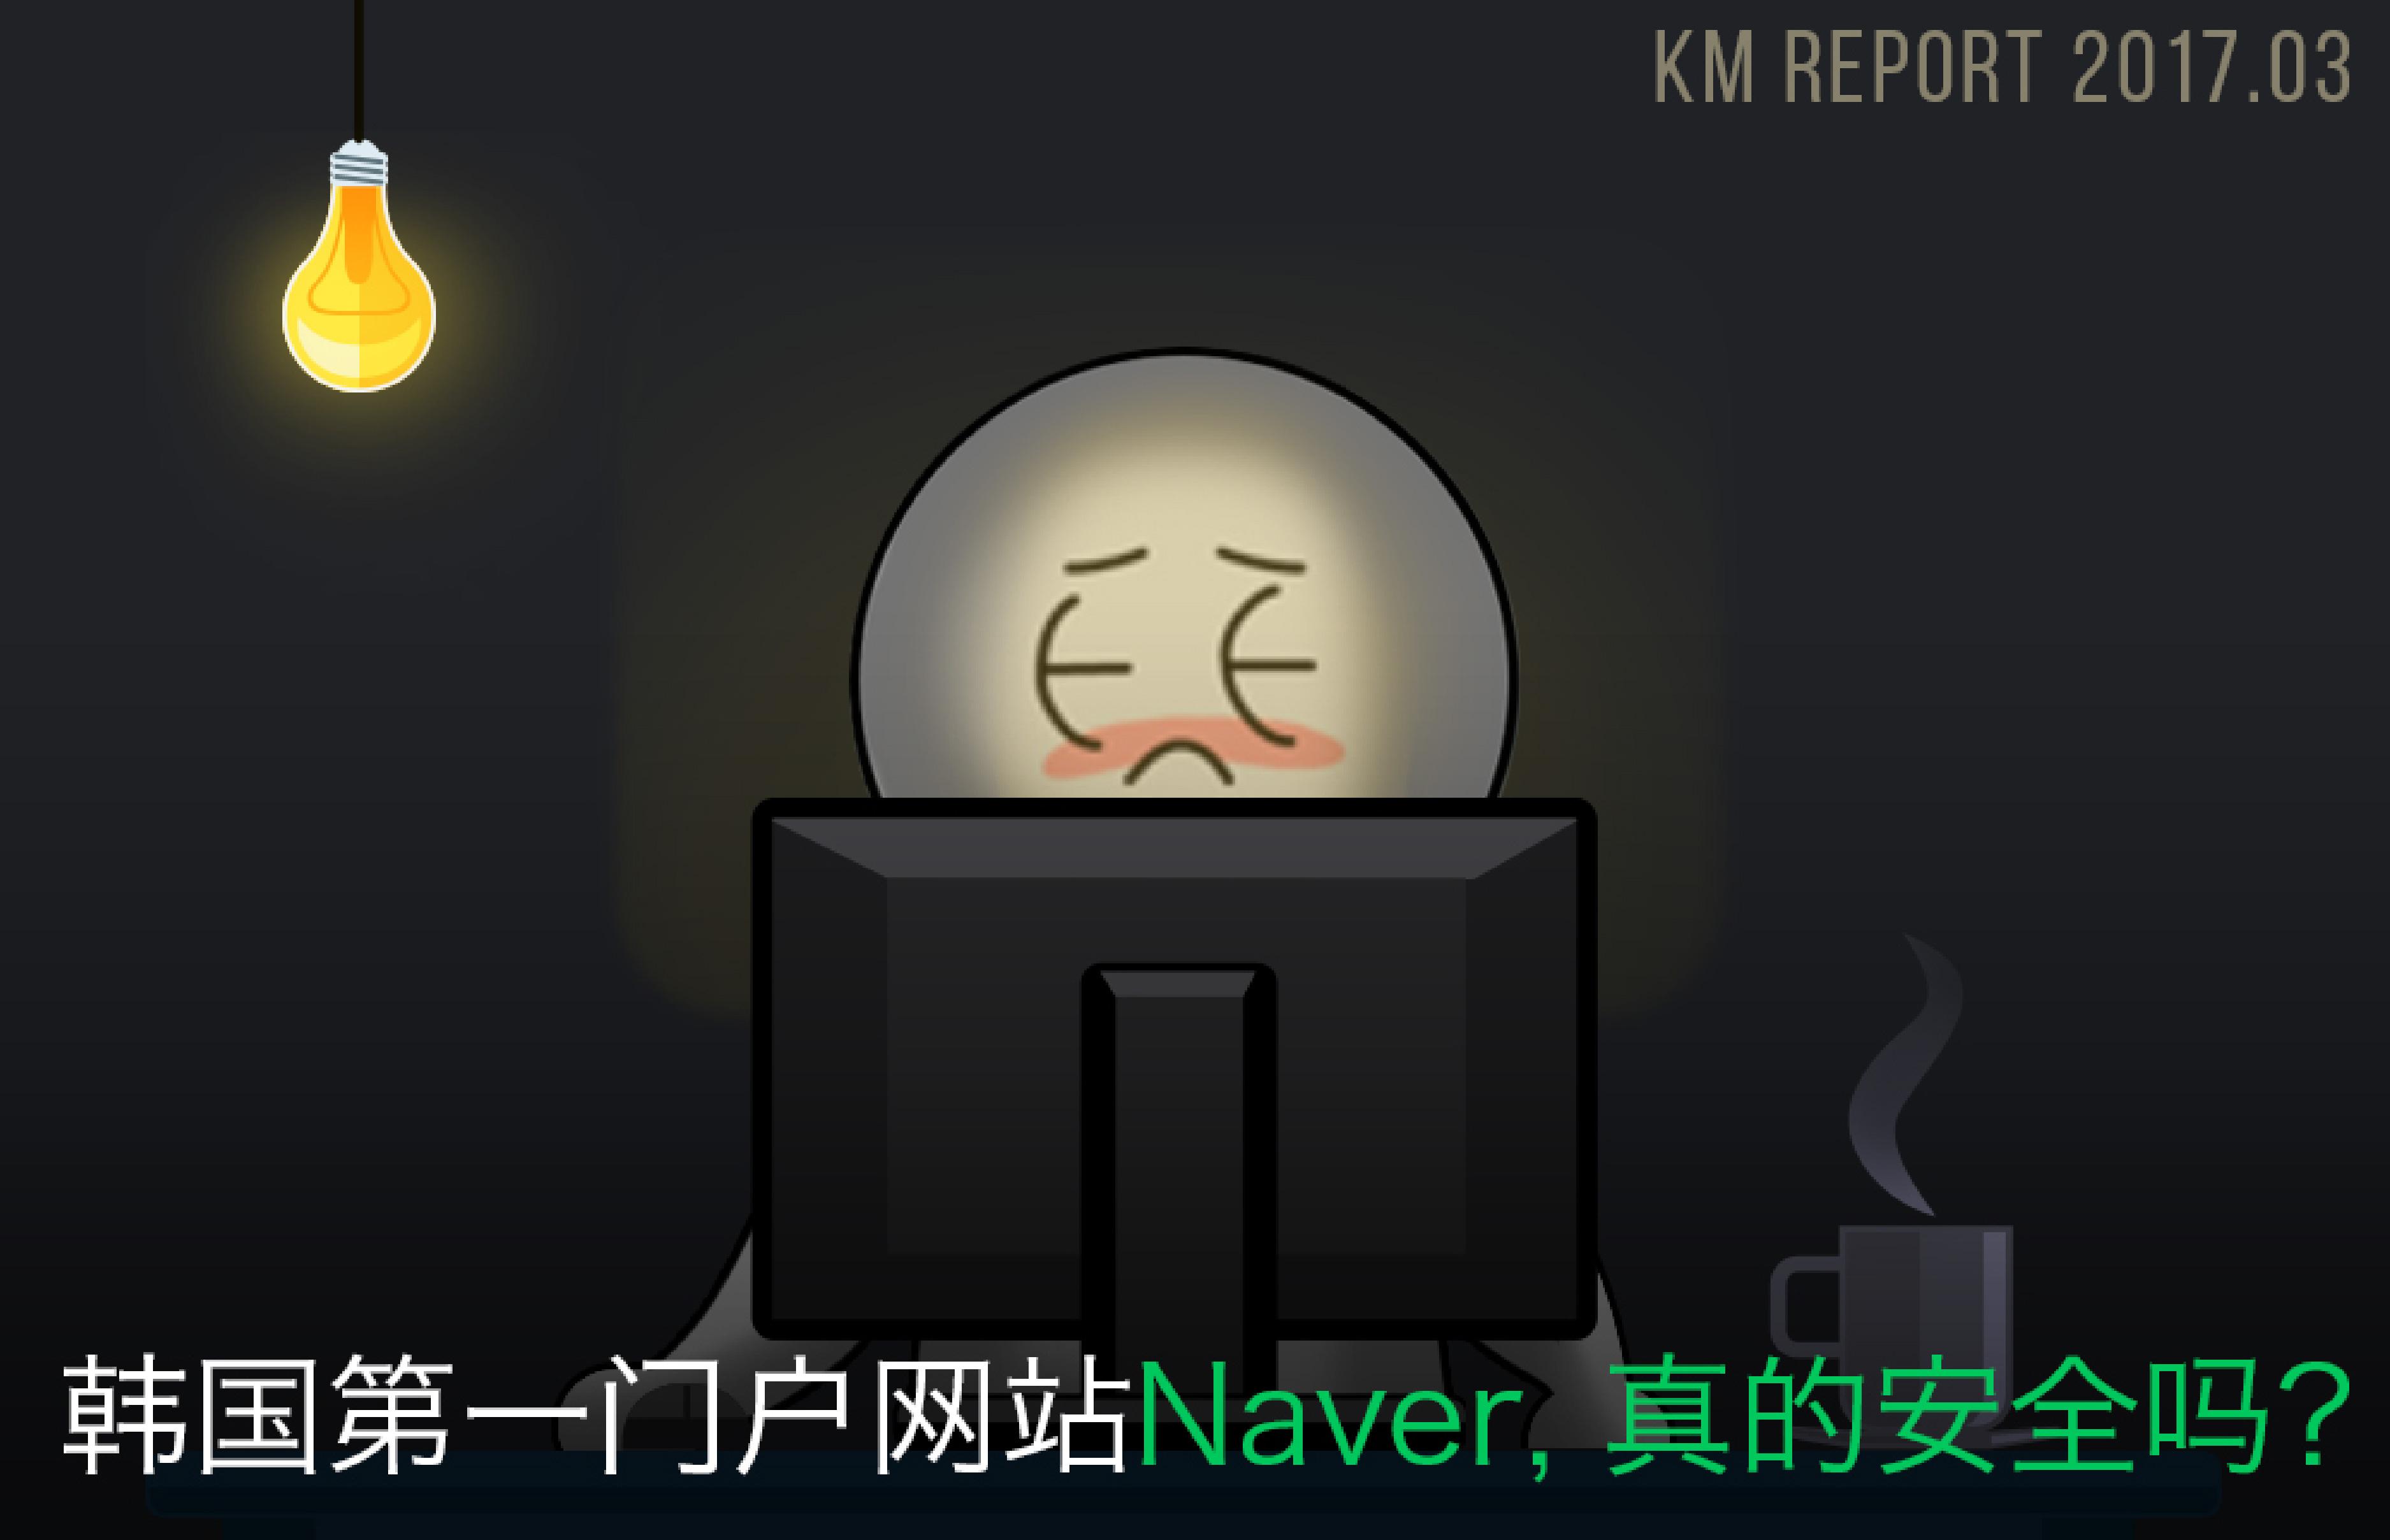 Mreport_2017_3_china-01